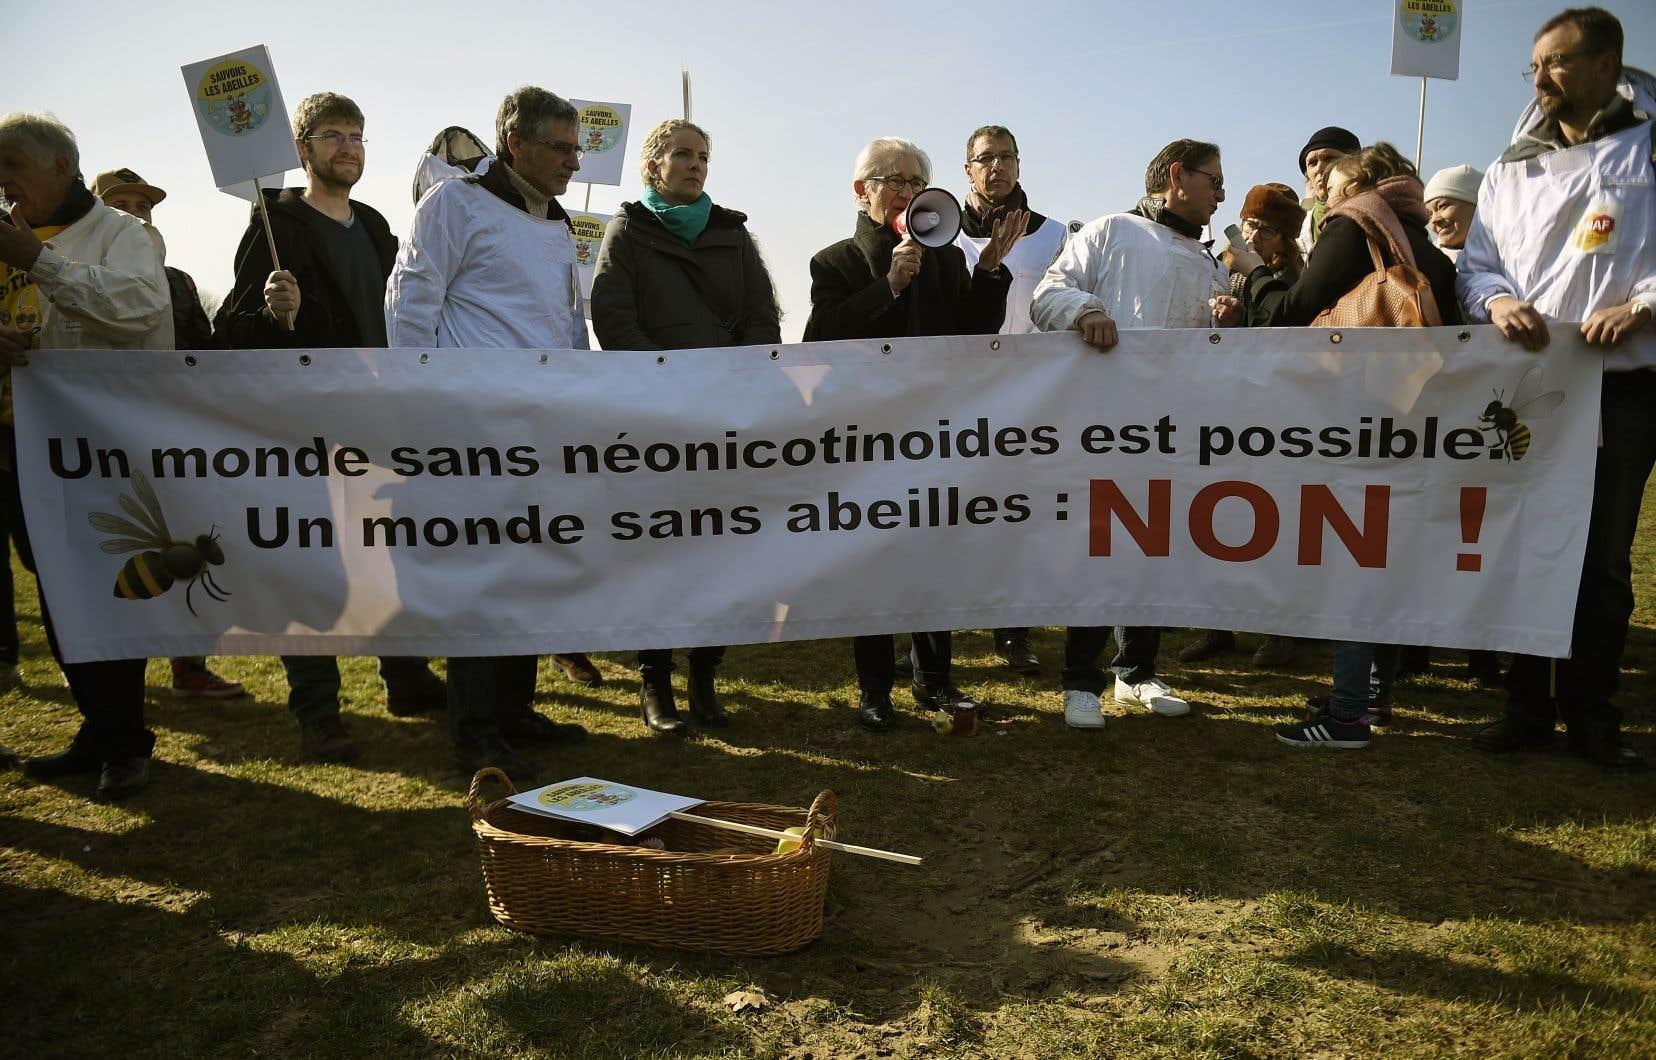 La lutte contre les pesticides néonicotinoïdes fait rage dans plusieurs pays. En France, les manifestations ont mené à un bannissement complet à compter de 2020.